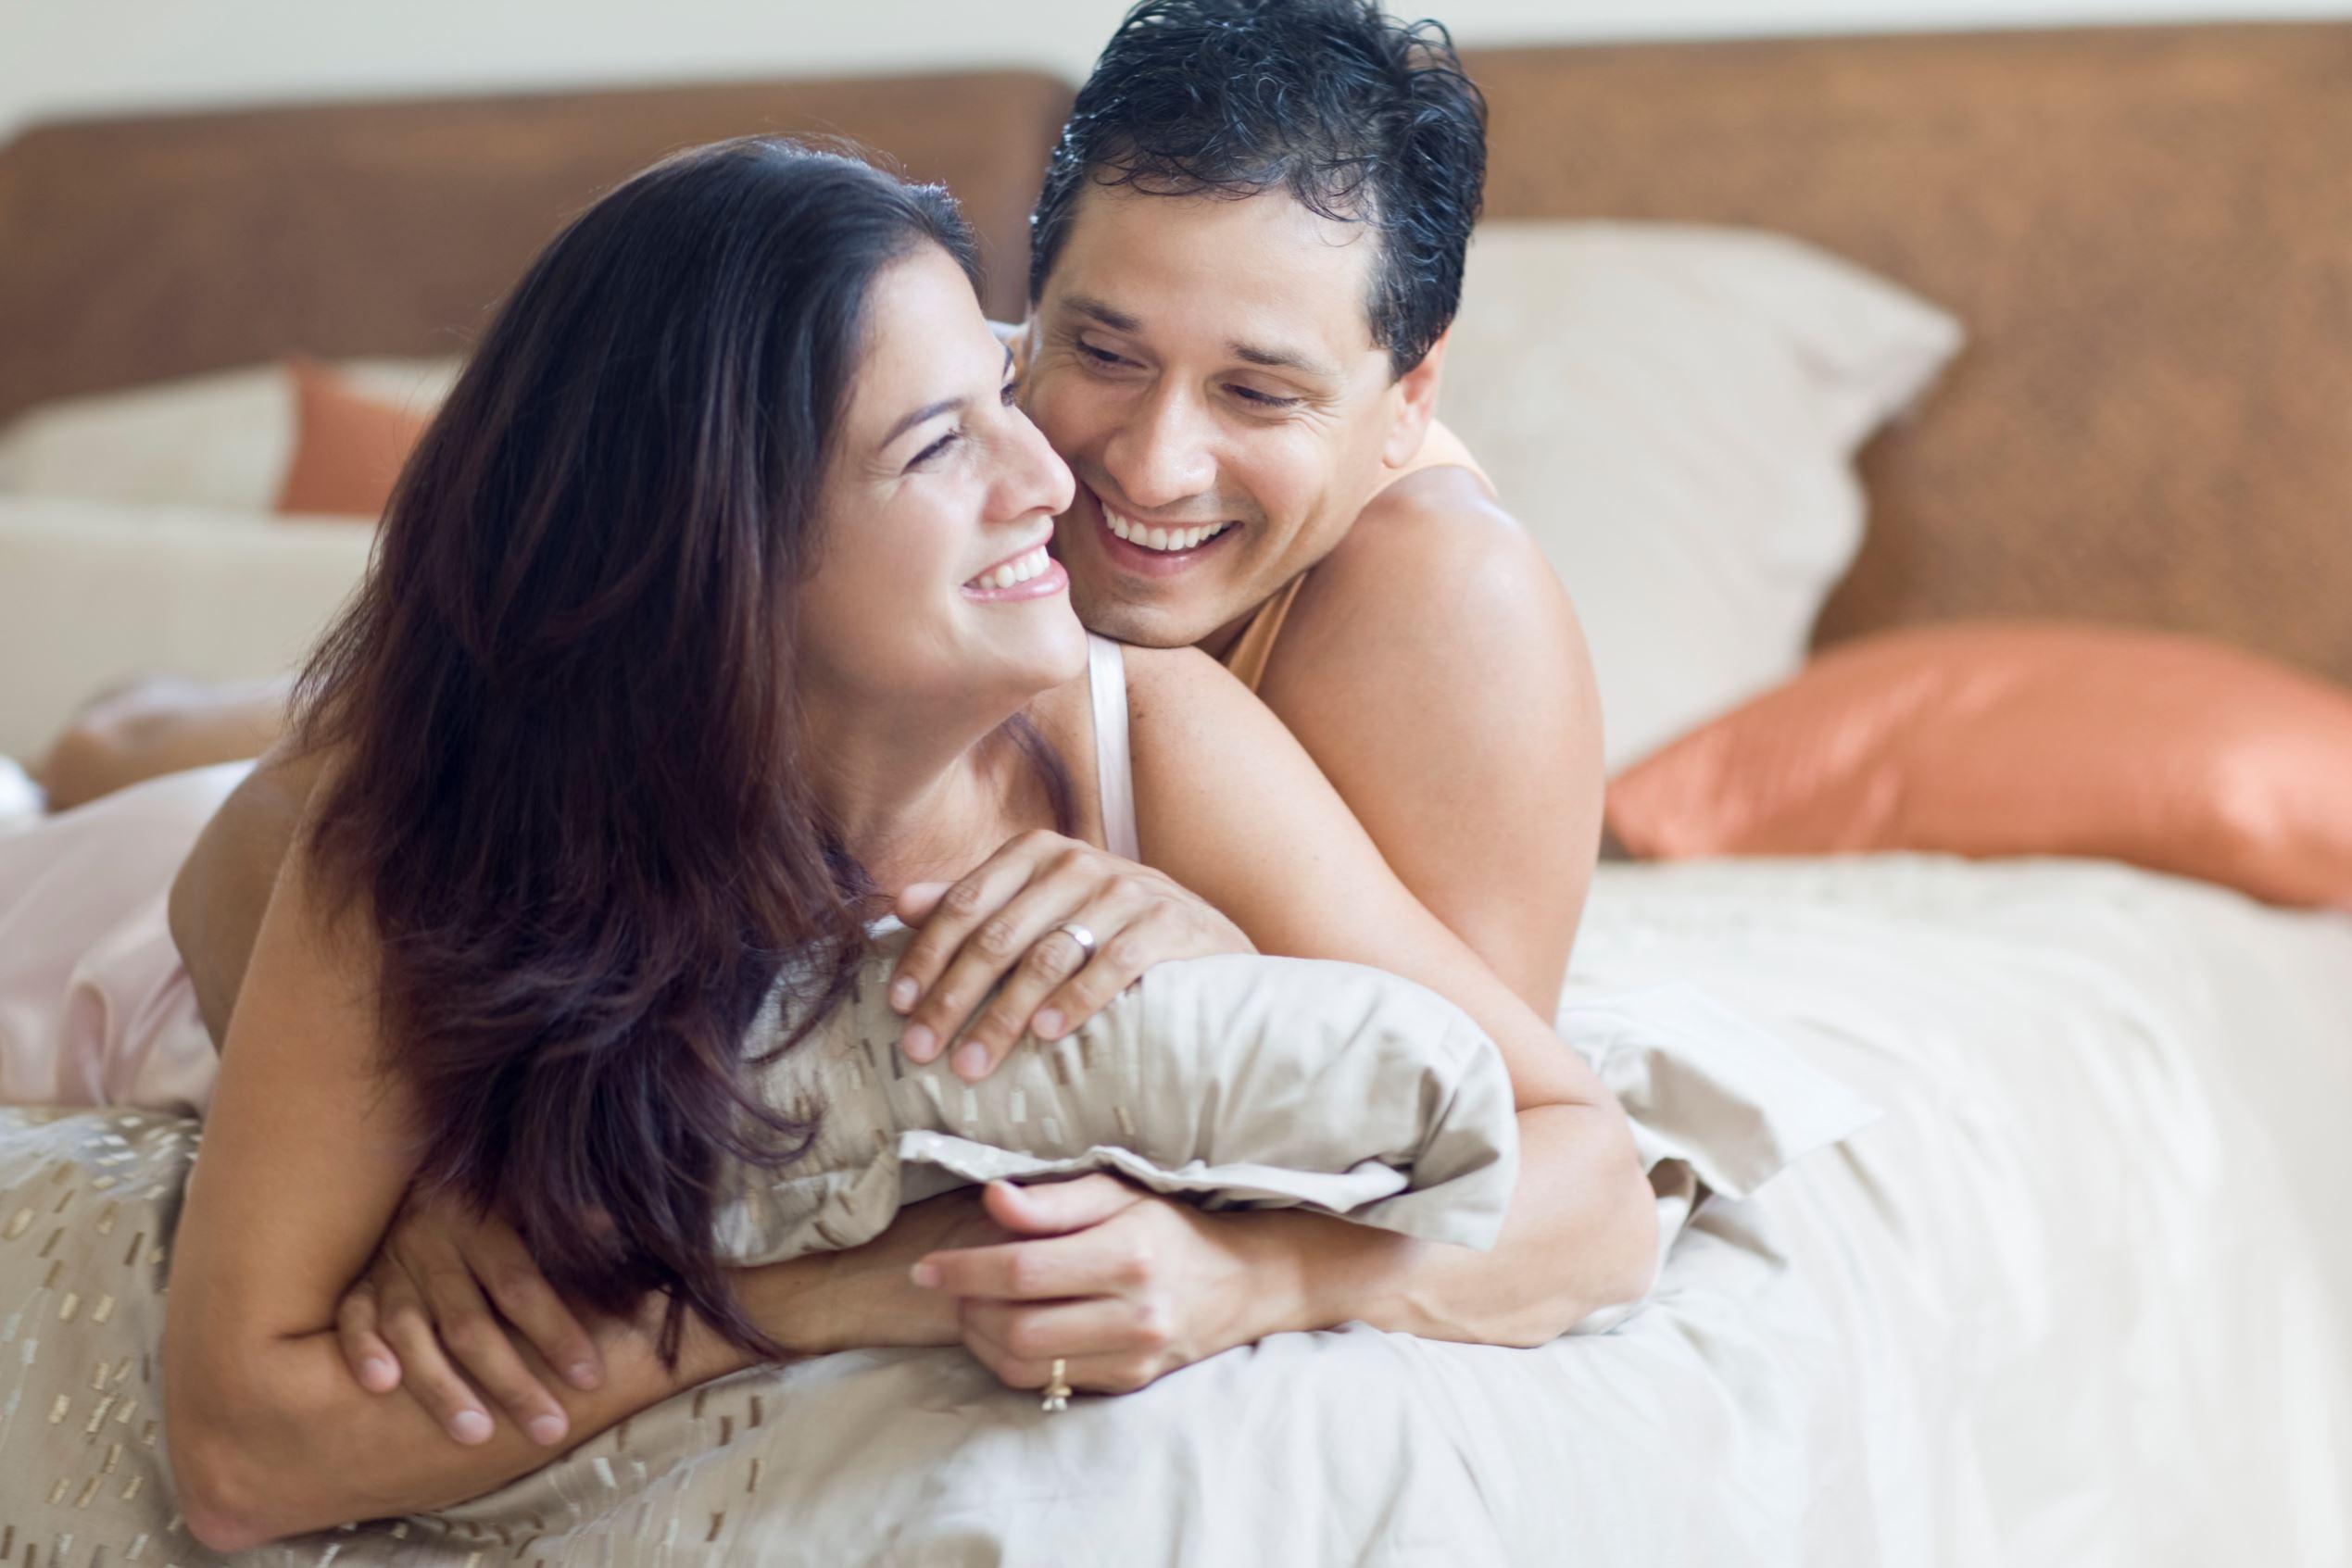 Καλύτερες τοποθεσίες σεξ ανύπαντρων